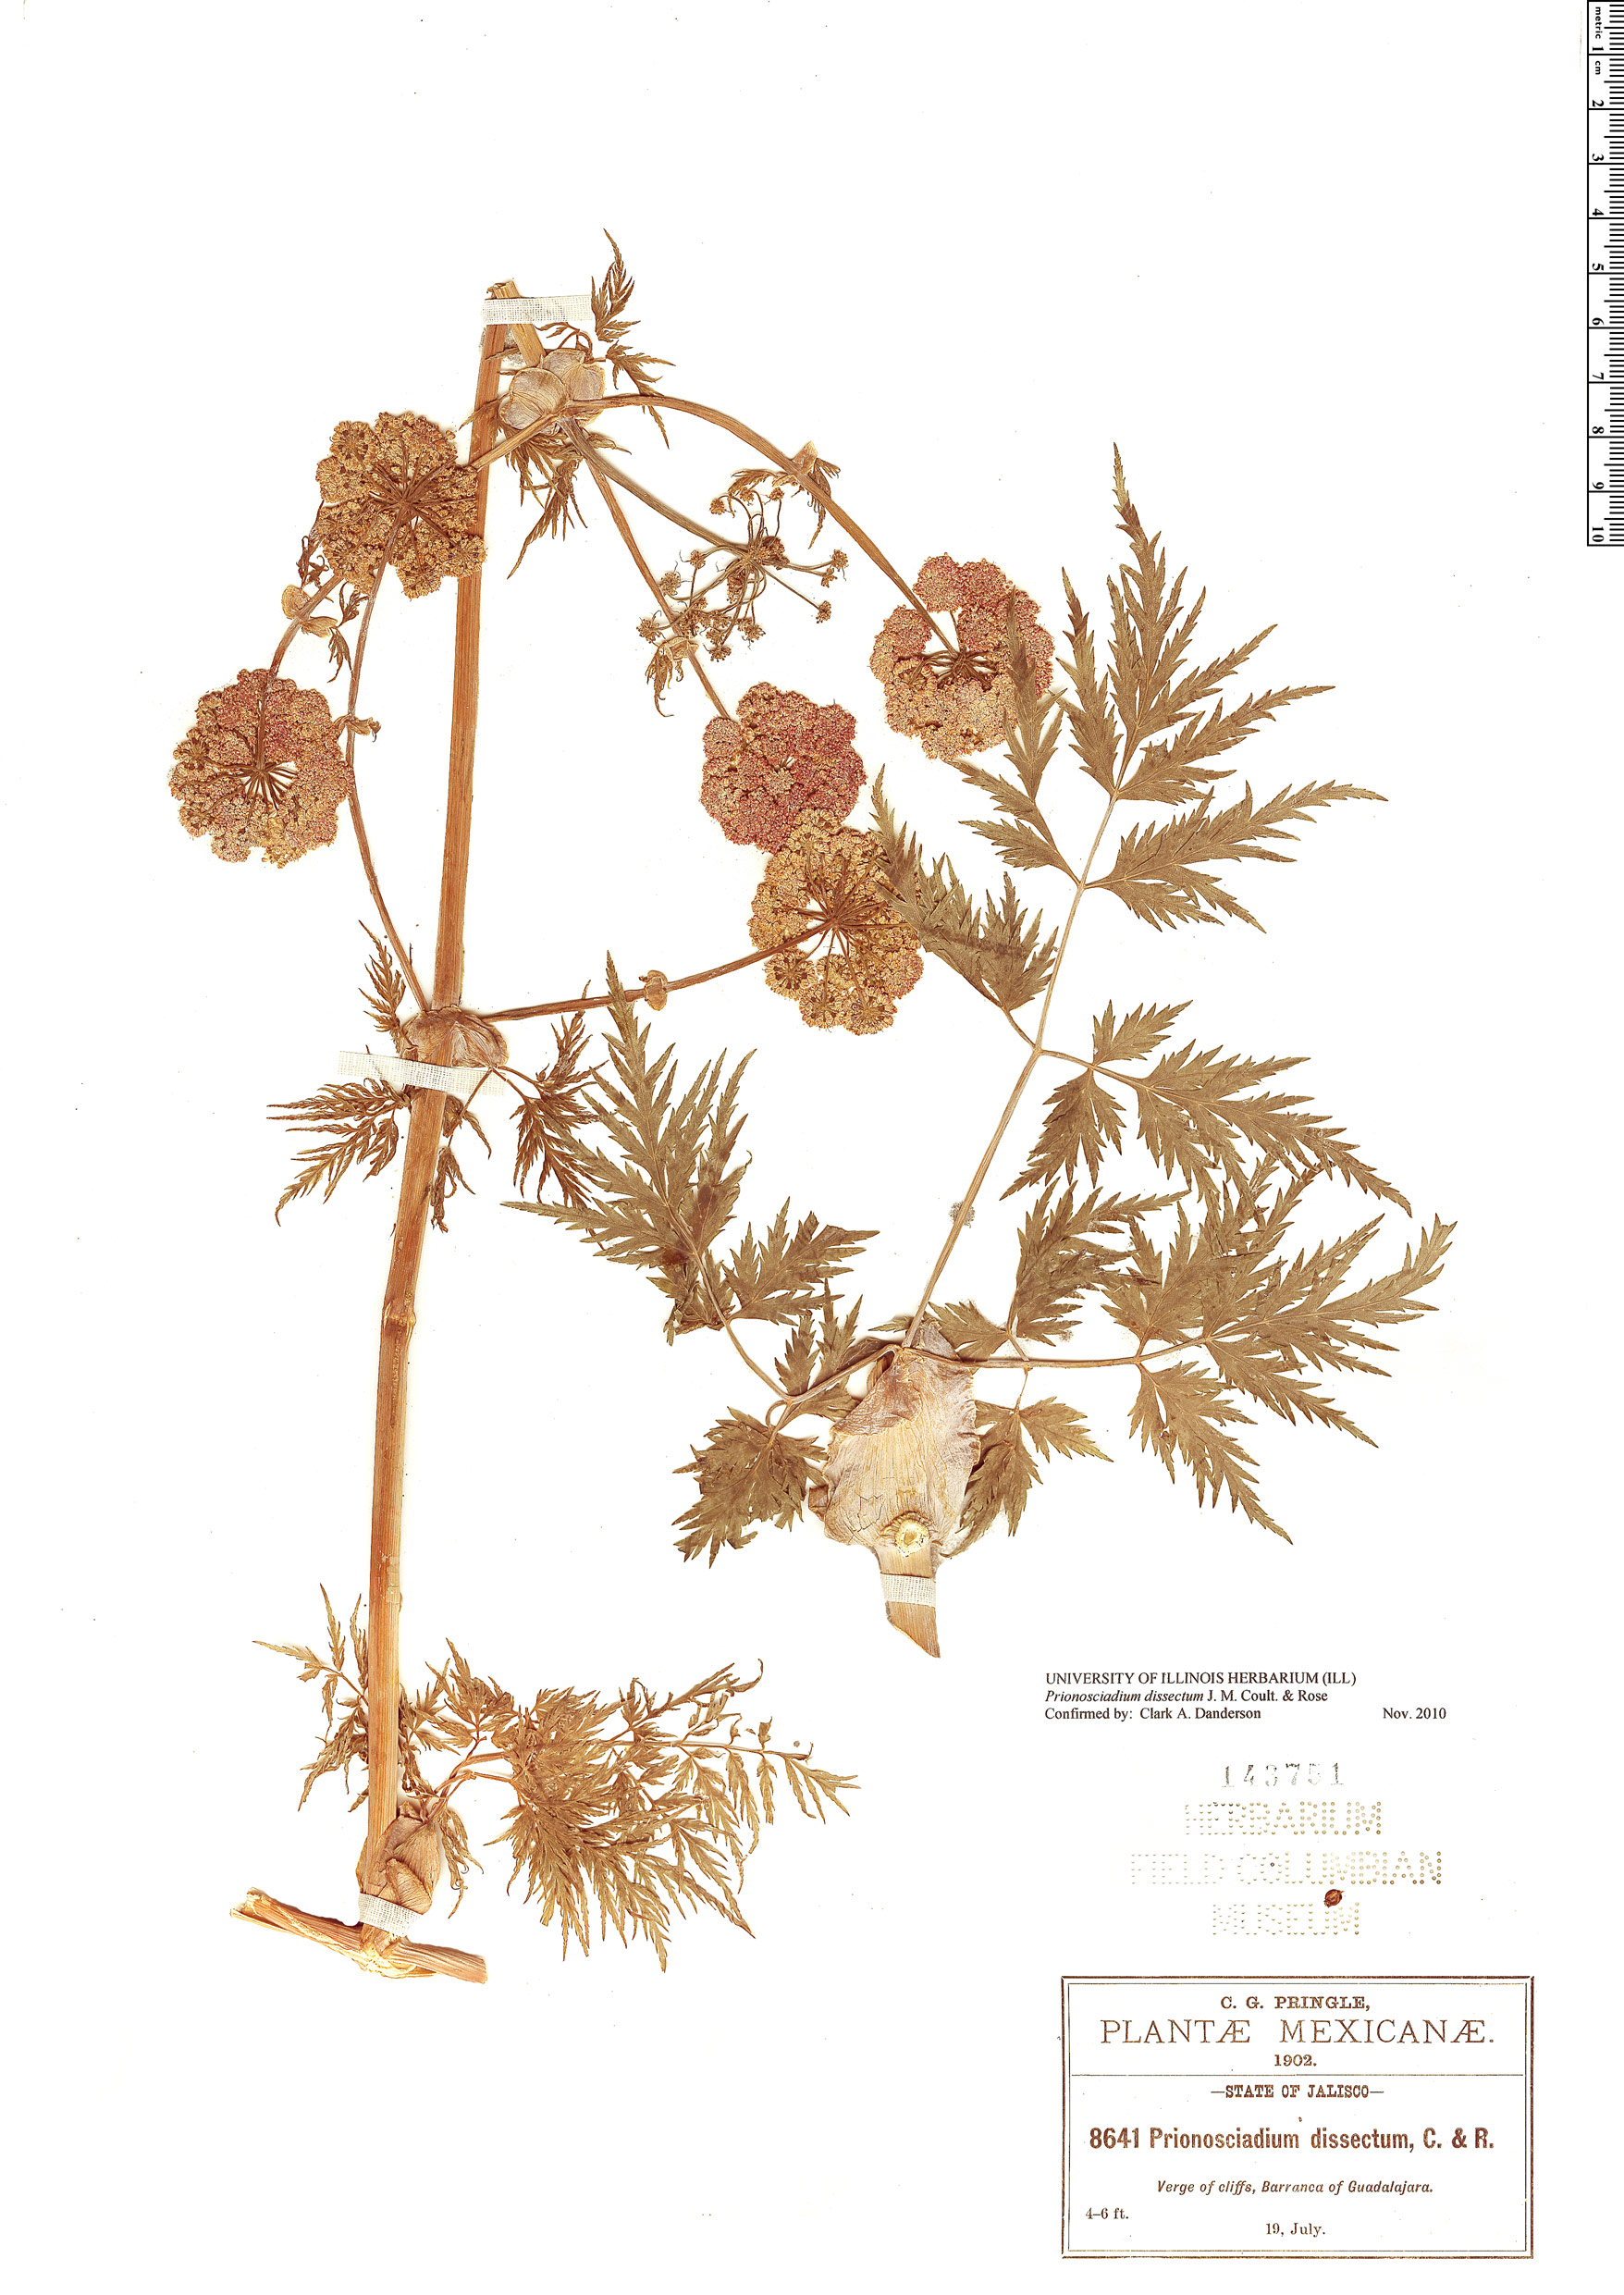 Specimen: Prionosciadium dissectum